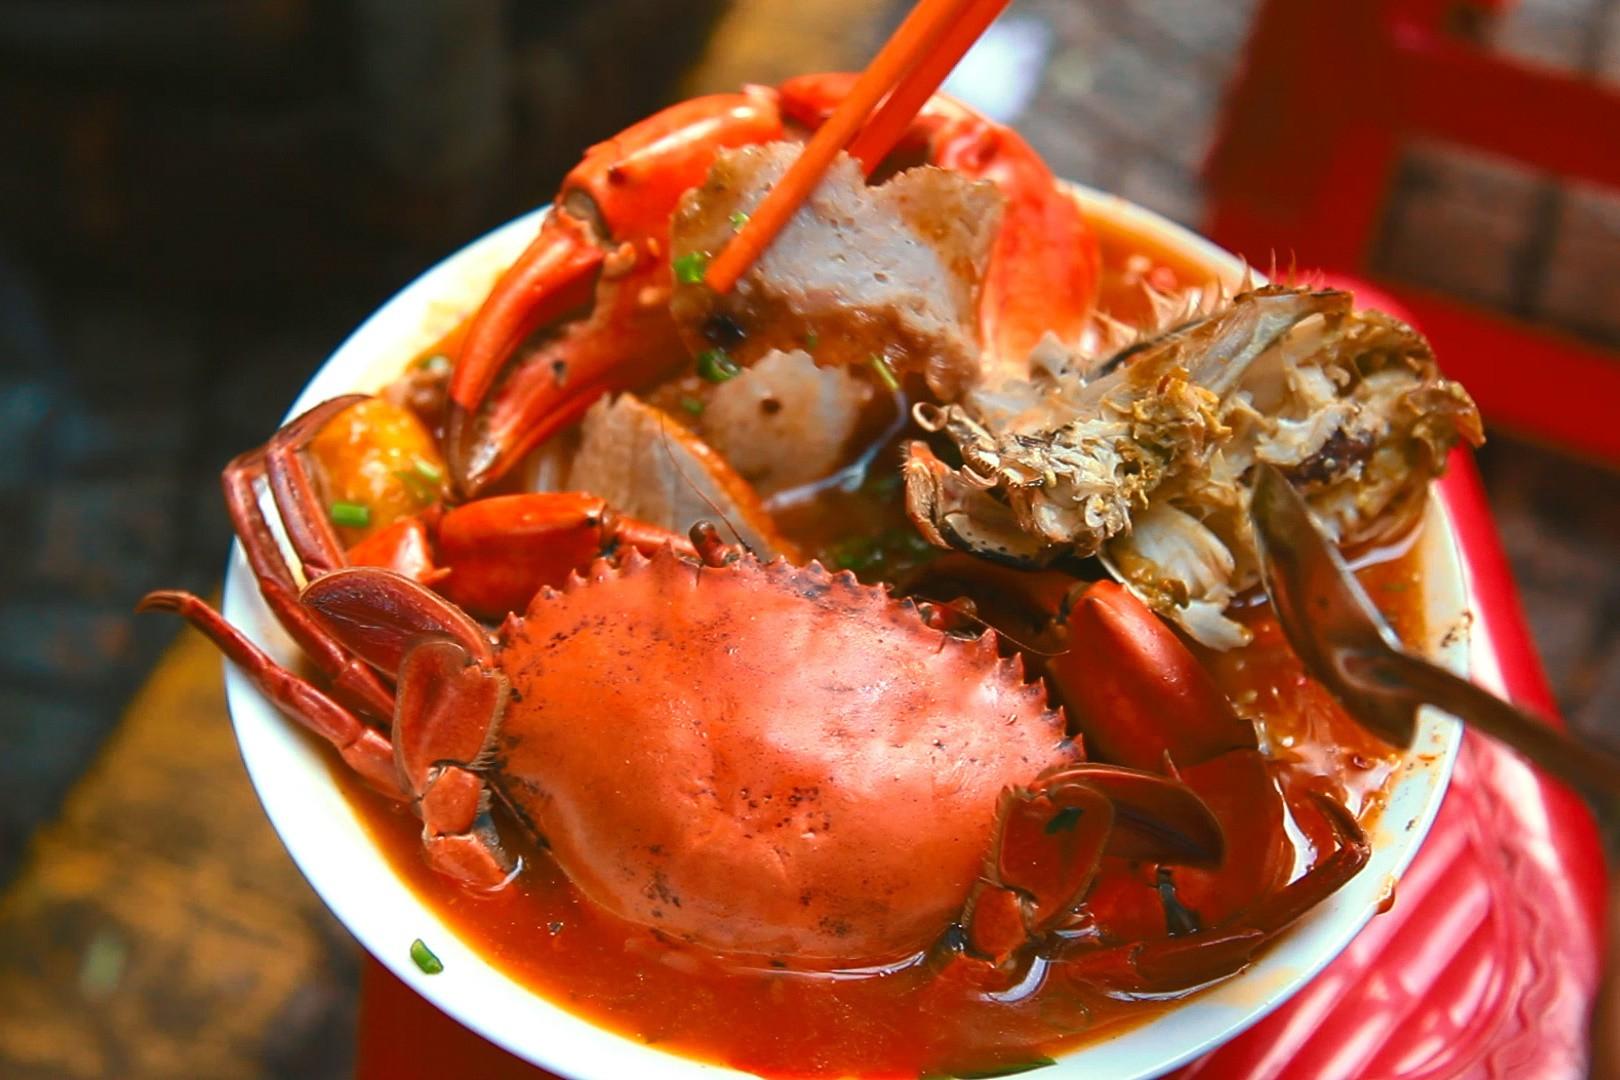 Phải công nhận người Sài Gòn rất thích cua biển - Không tin thì hãy xem cả list này đi! - Ảnh 3.